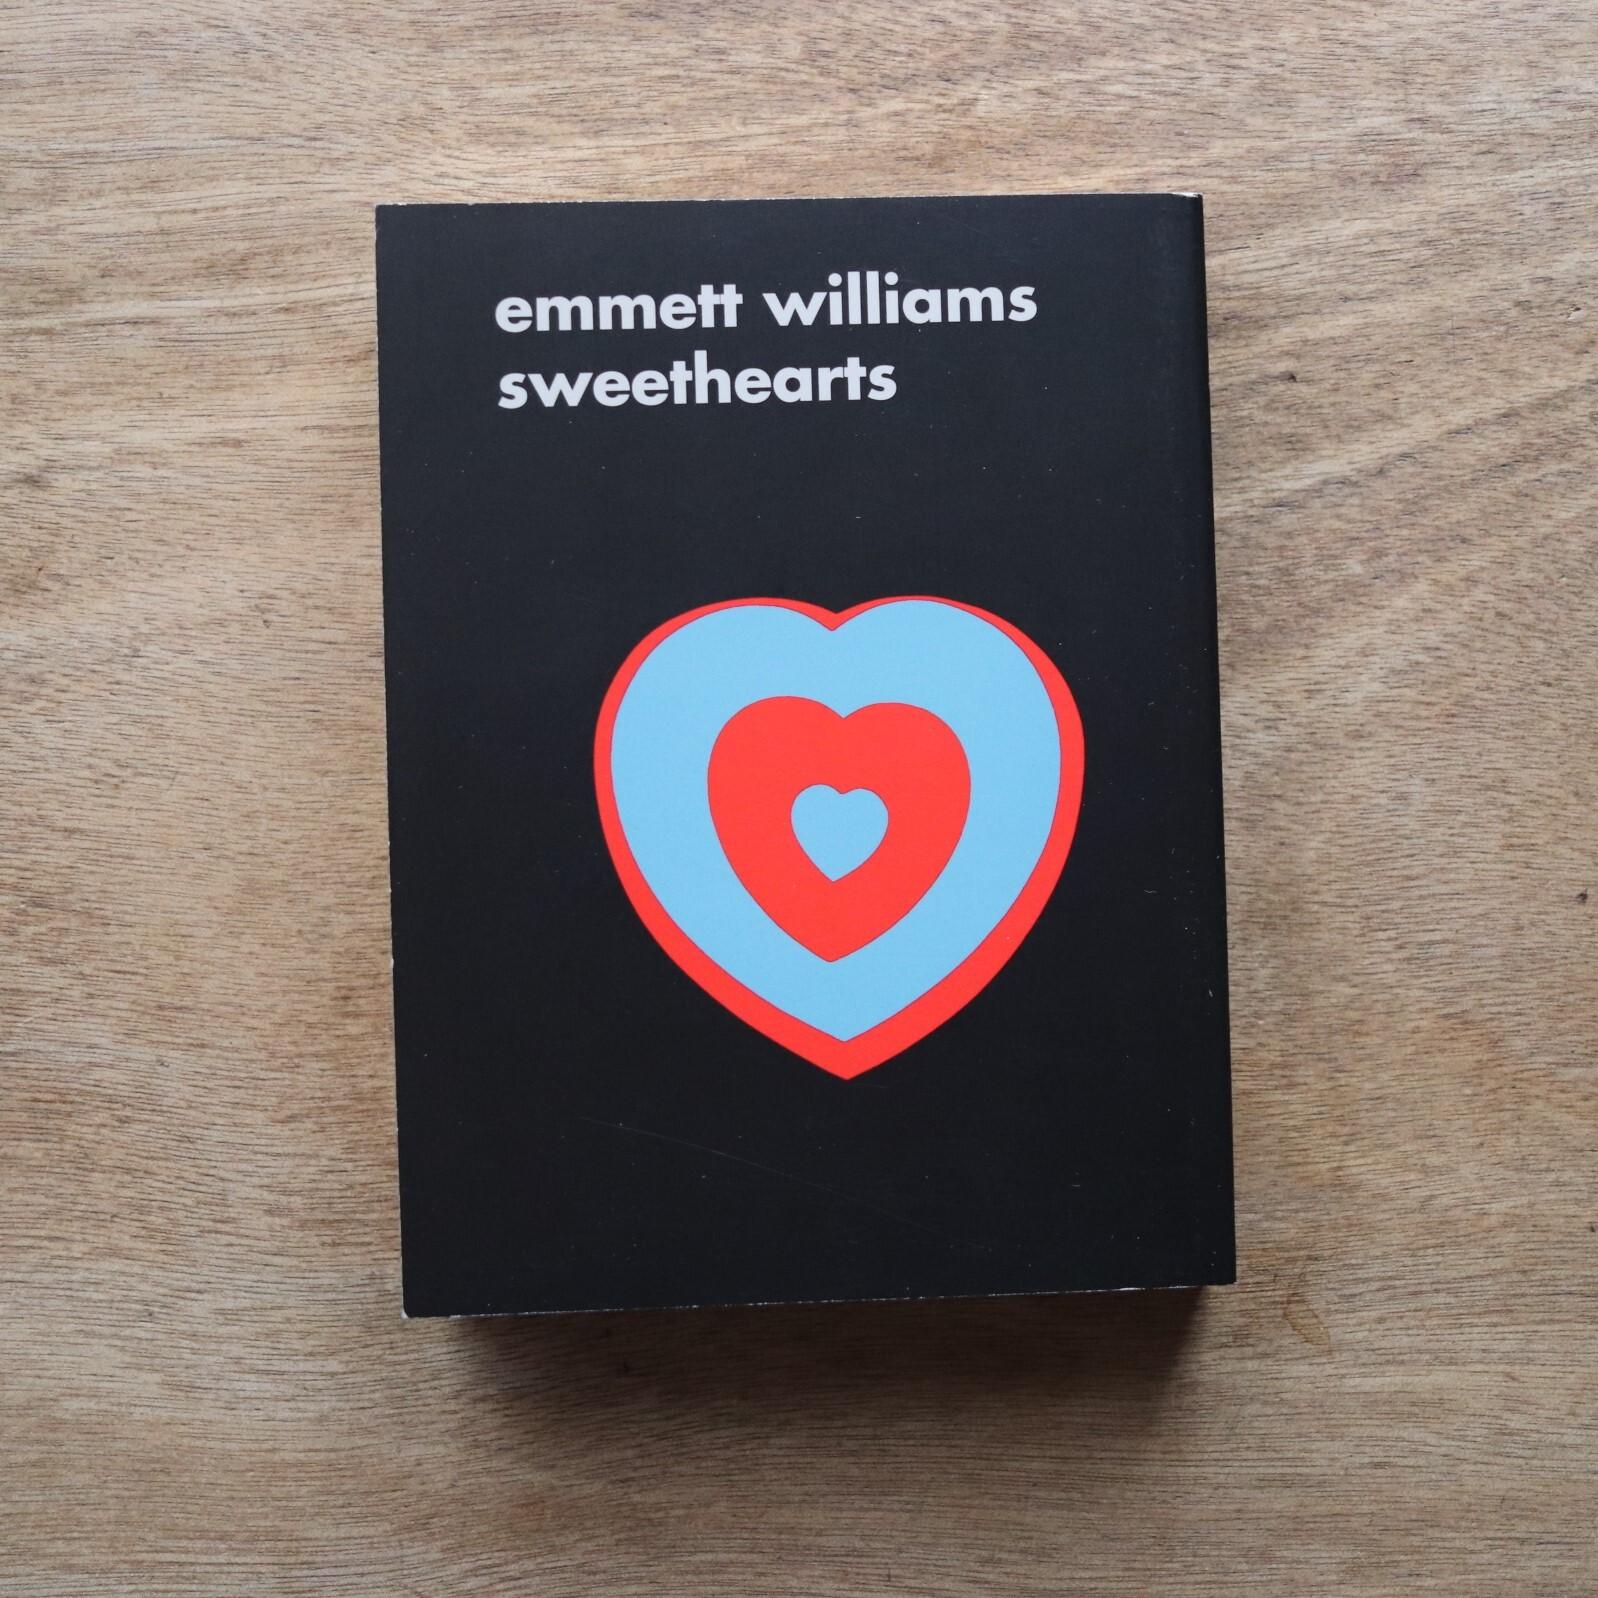 Emmett Williams: Sweethearts  / エメット・ウィリアムズ